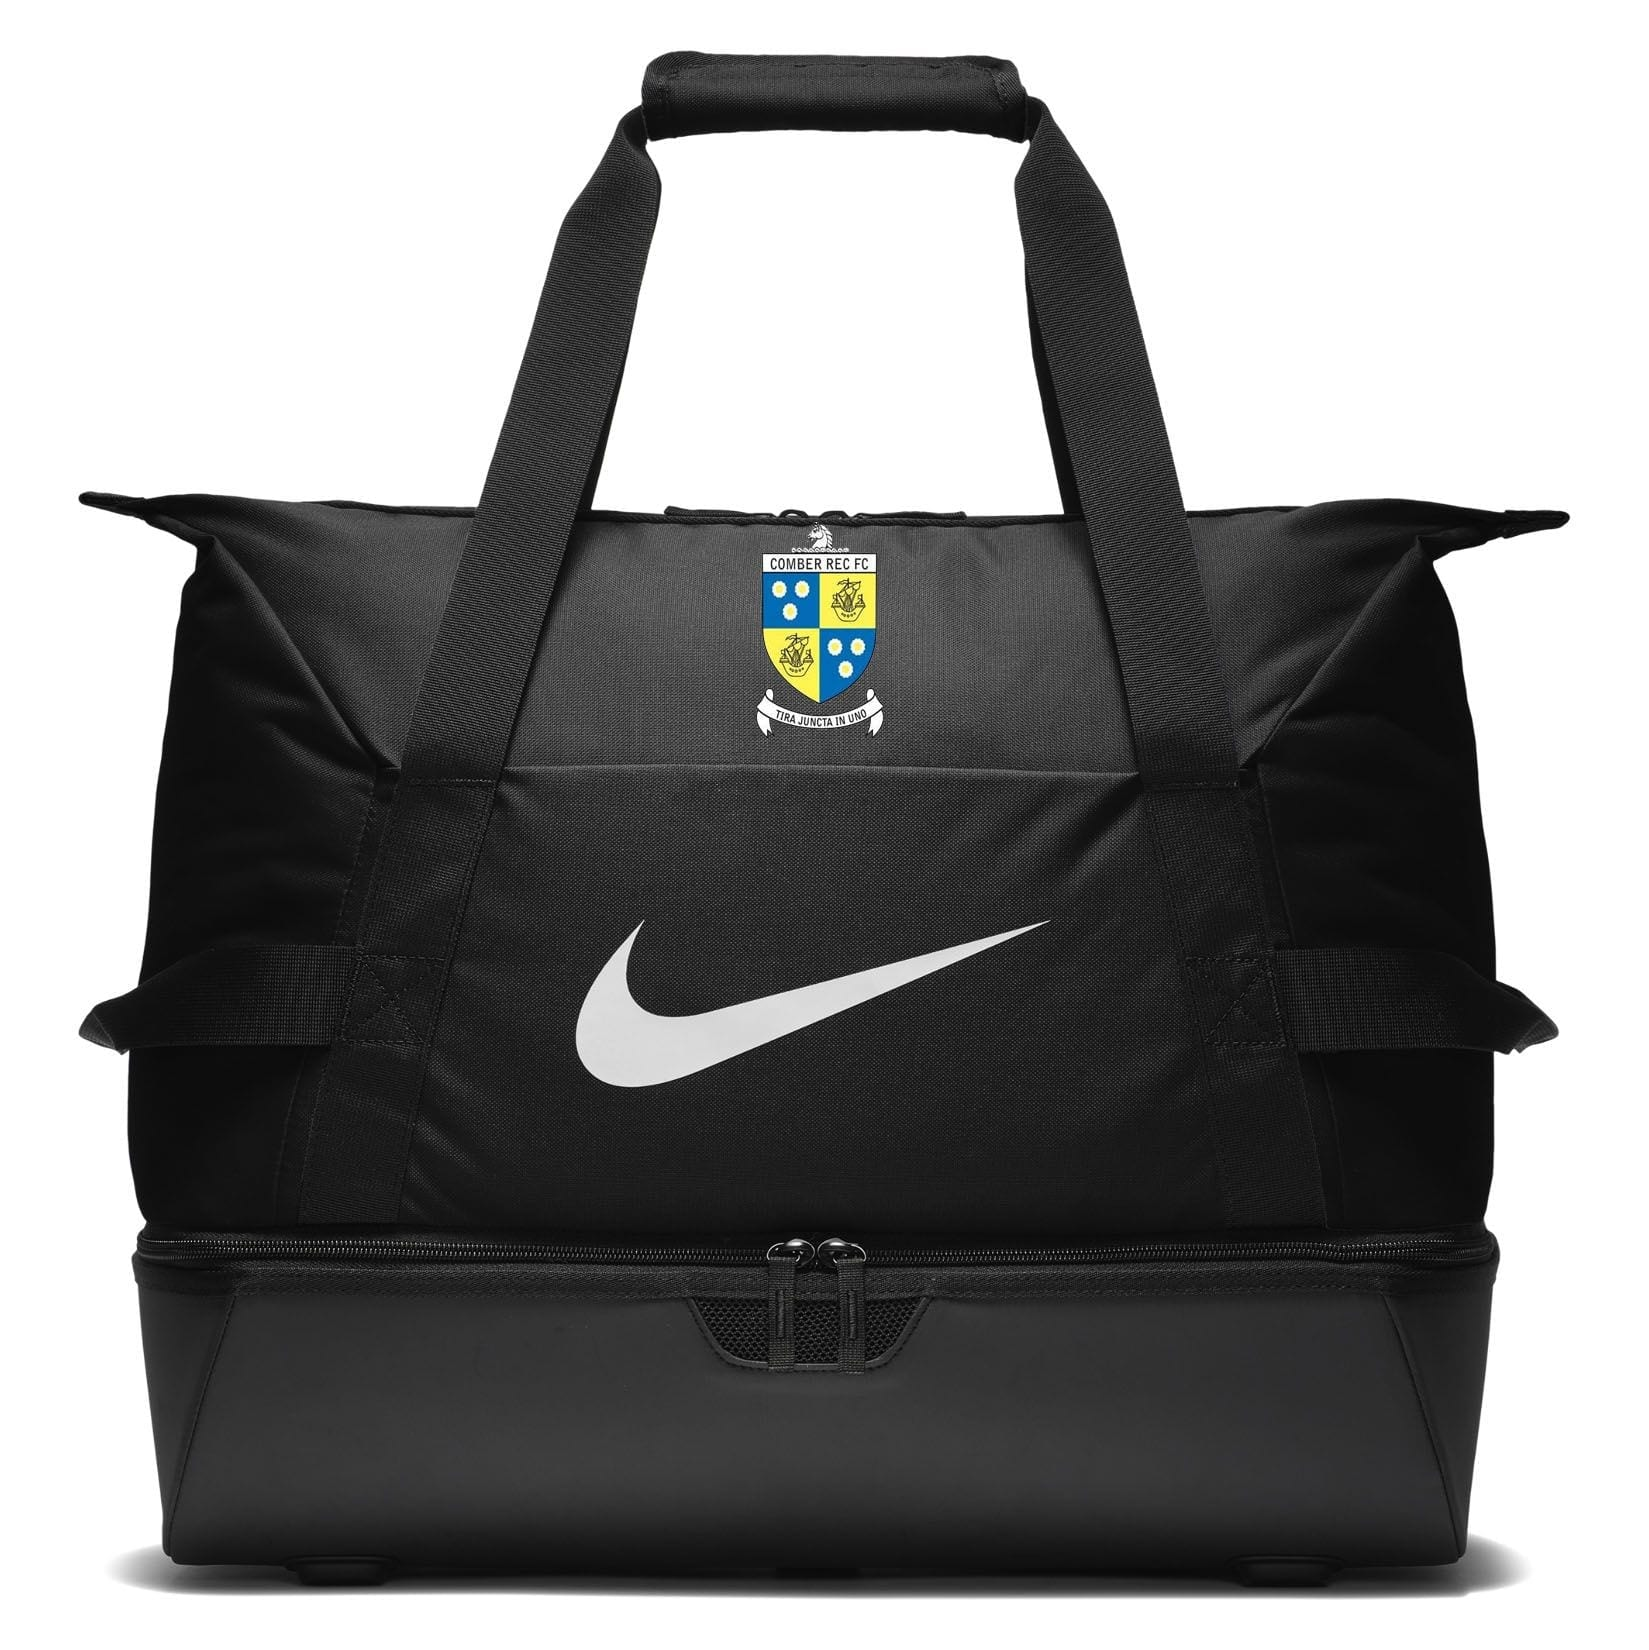 comber rec mens hardcase bag 32353 p